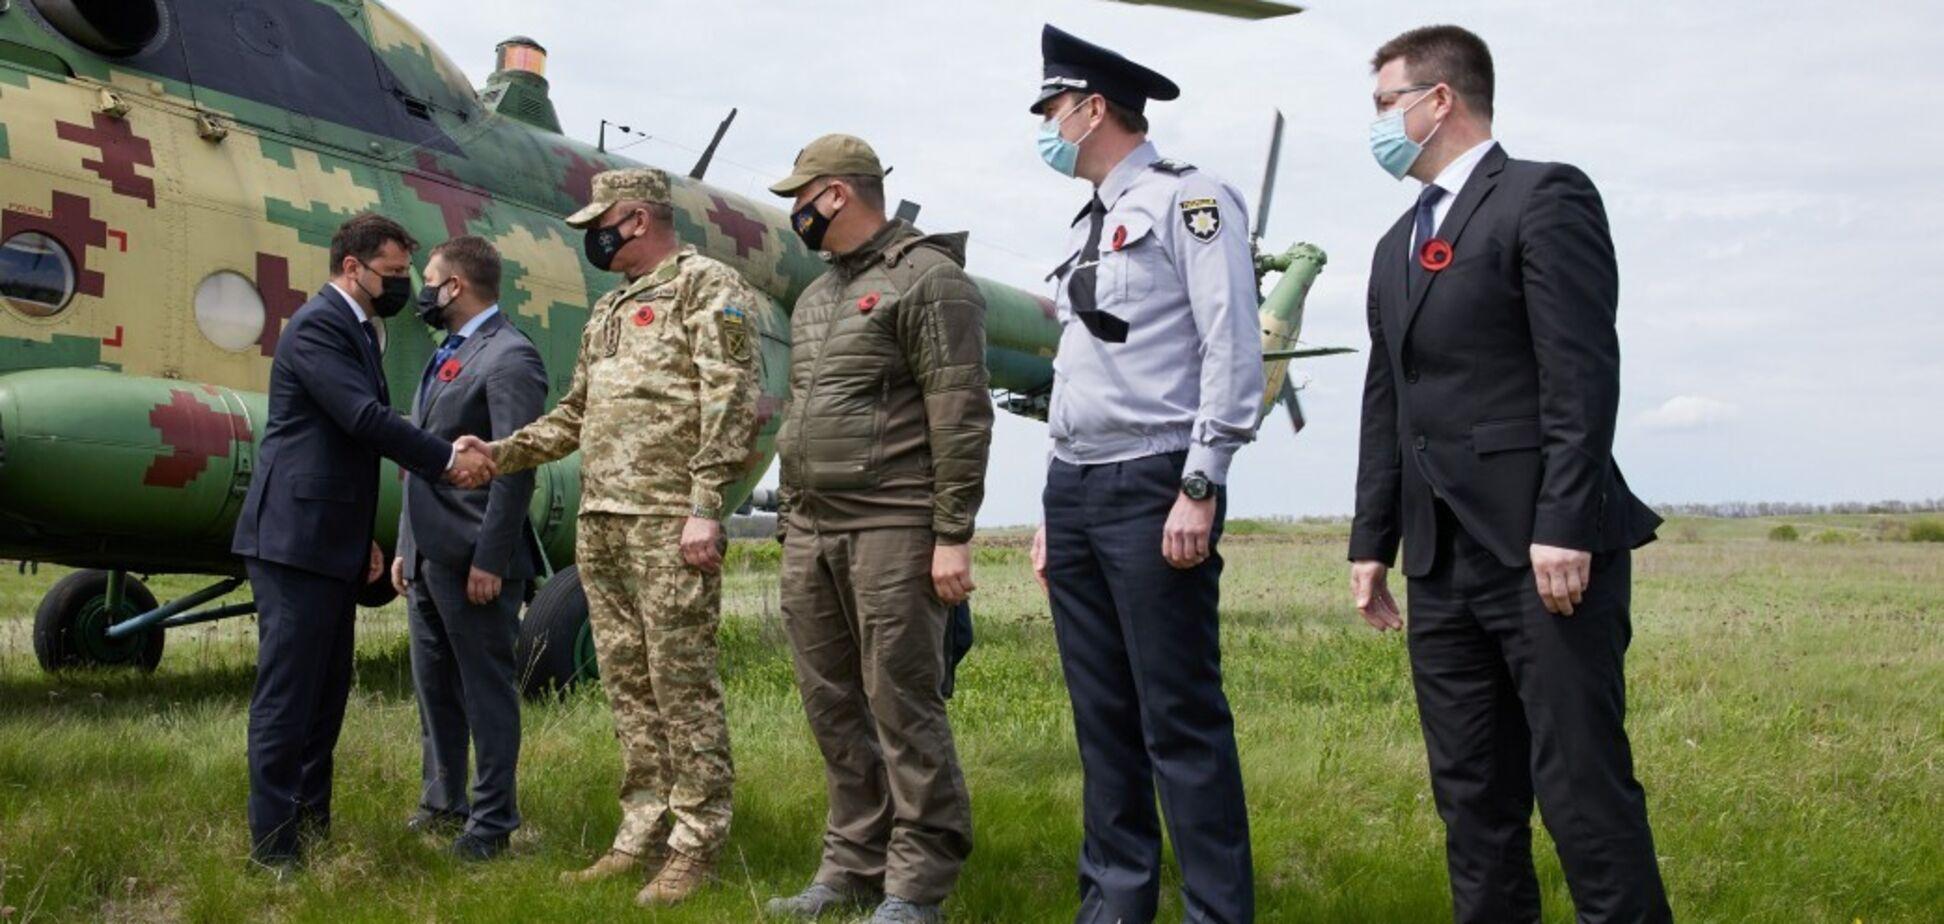 Зеленський із послами Євросоюзу та G7 прибув на Луганщину. Фото